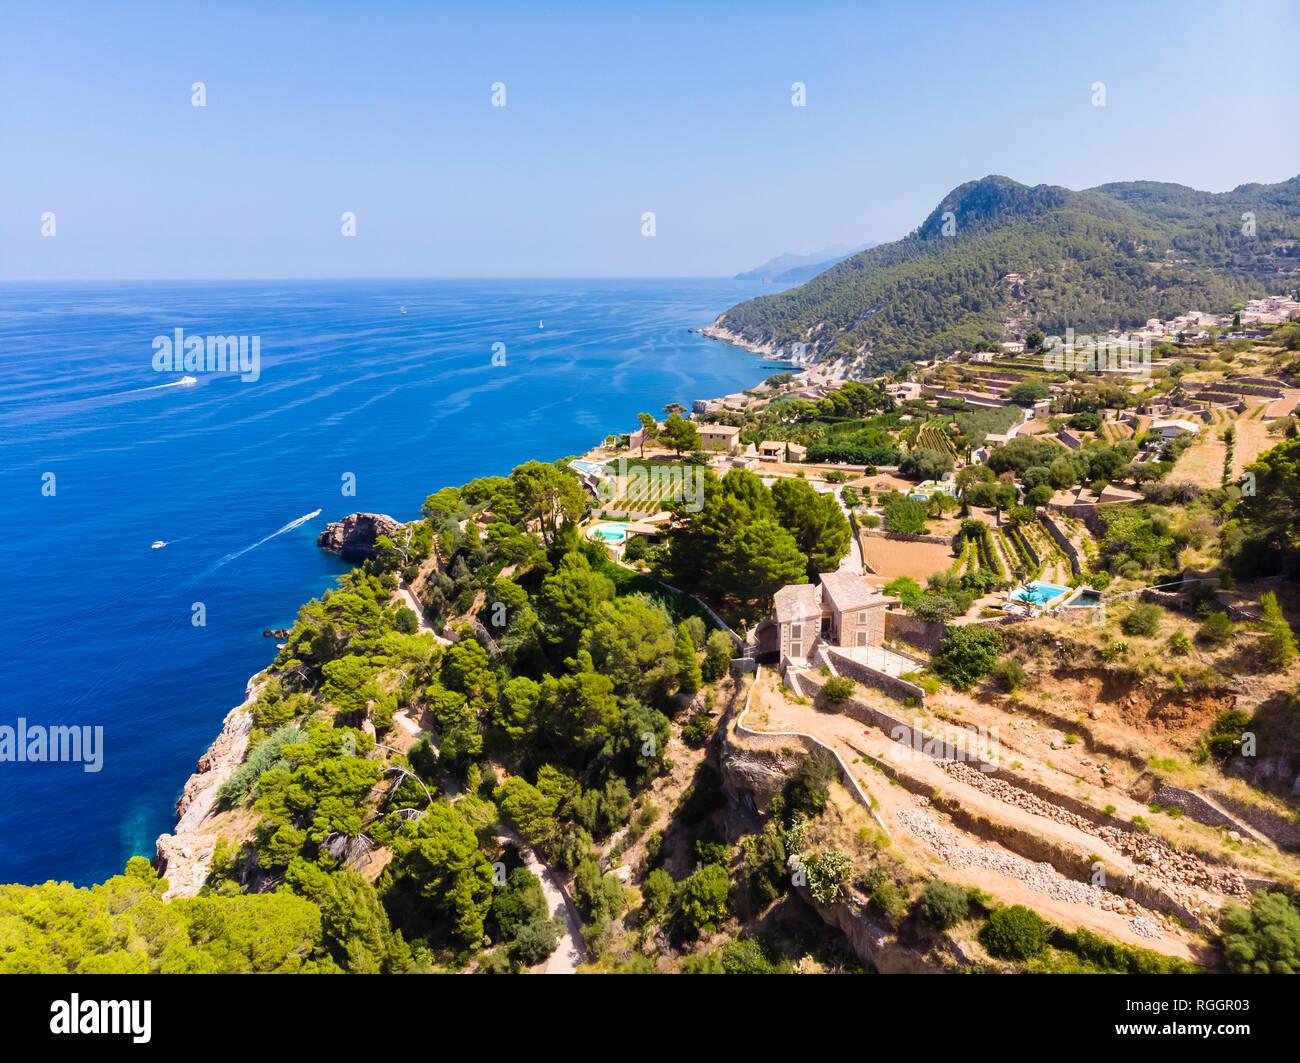 España, Baleares, Mallorca, Región de Banyalbufar, Costa oeste, Serra de Tramuntana Foto de stock